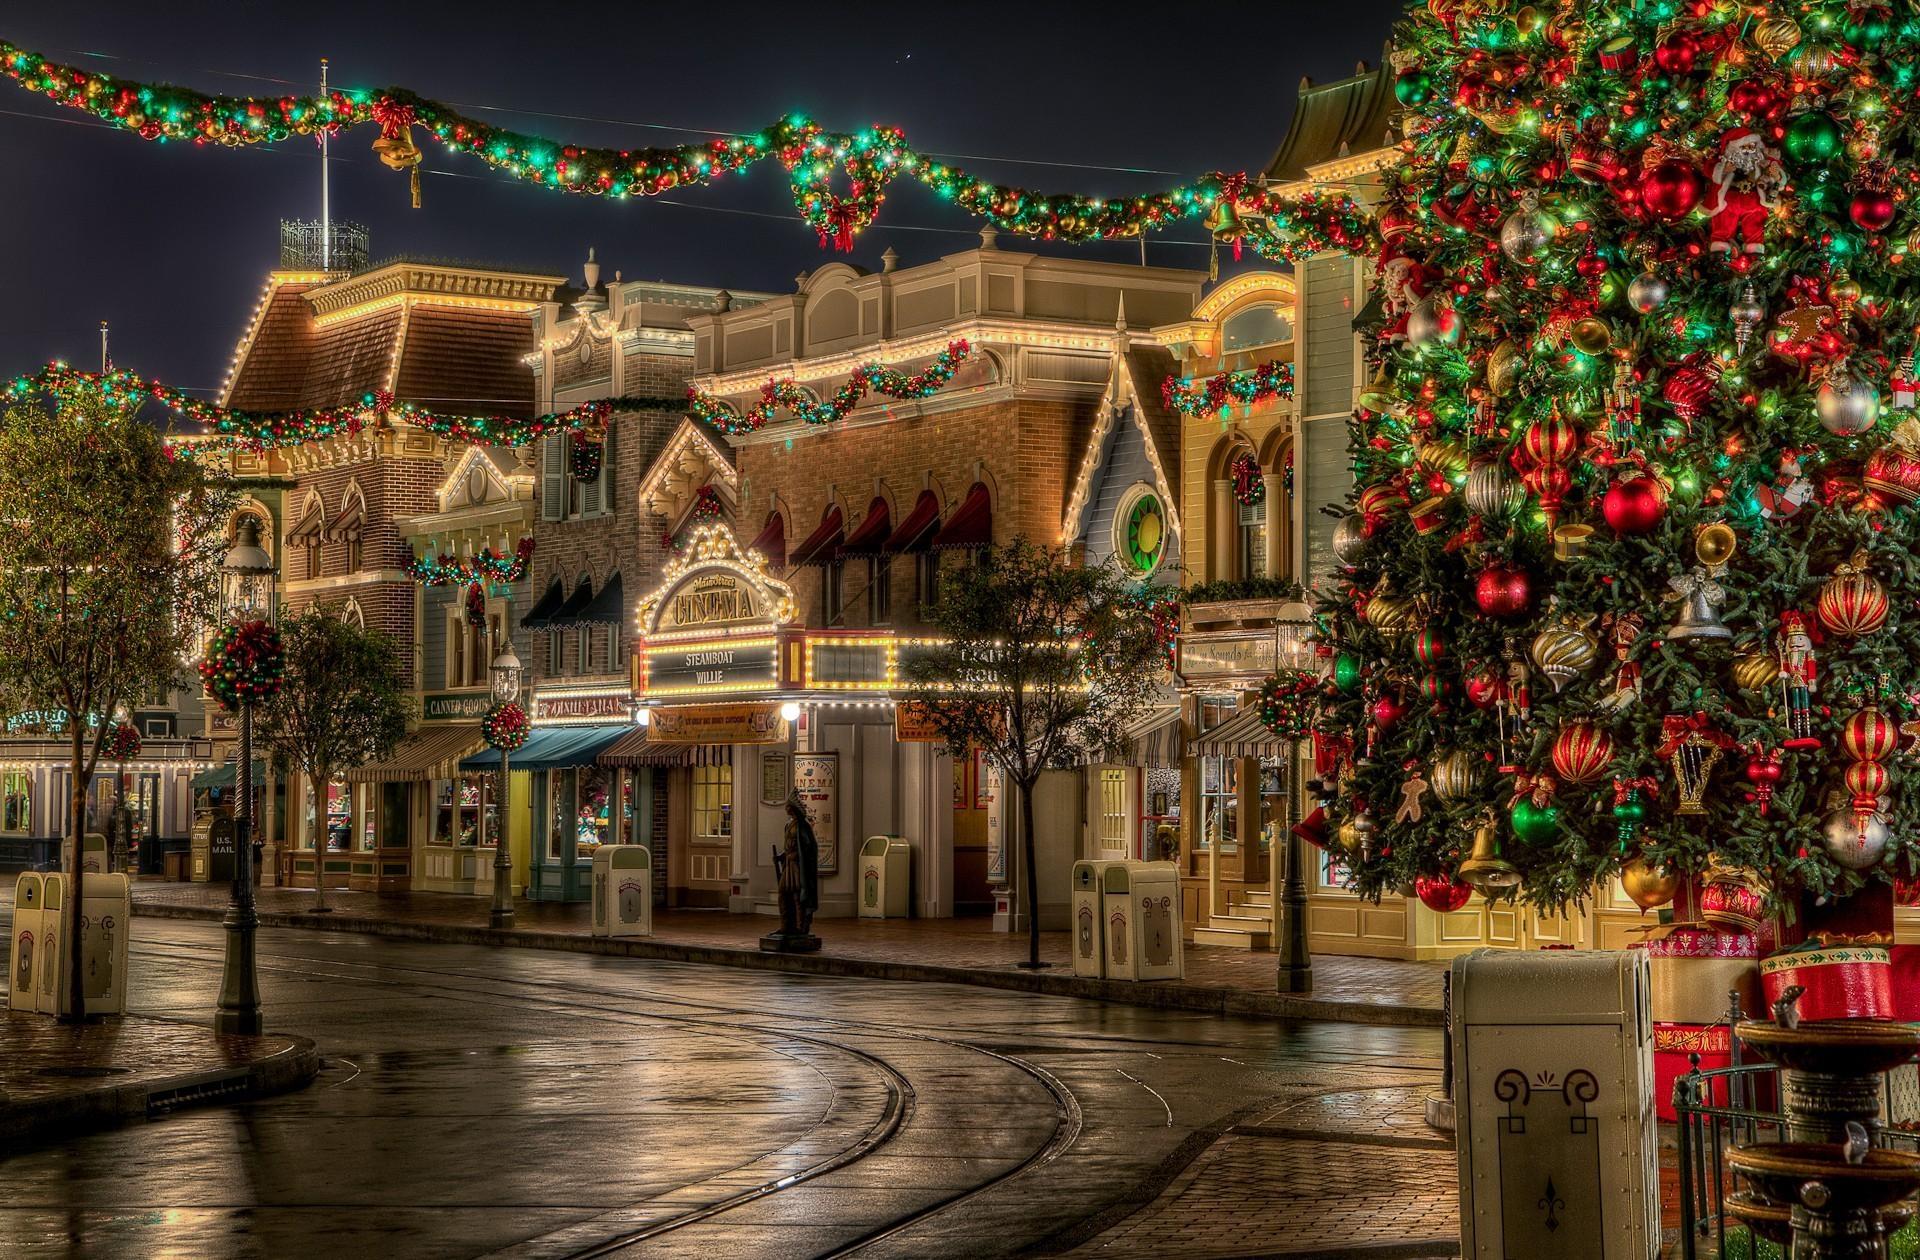 Sfondi Paesaggi Natalizi.Sfondi Strada Paesaggio Urbano Notte Vacanza Luci Di Natale Albero Bellezza I Regali Decorazione Natalizia 1920x1260 4kwallpaper 699000 Sfondi Gratis Wallhere